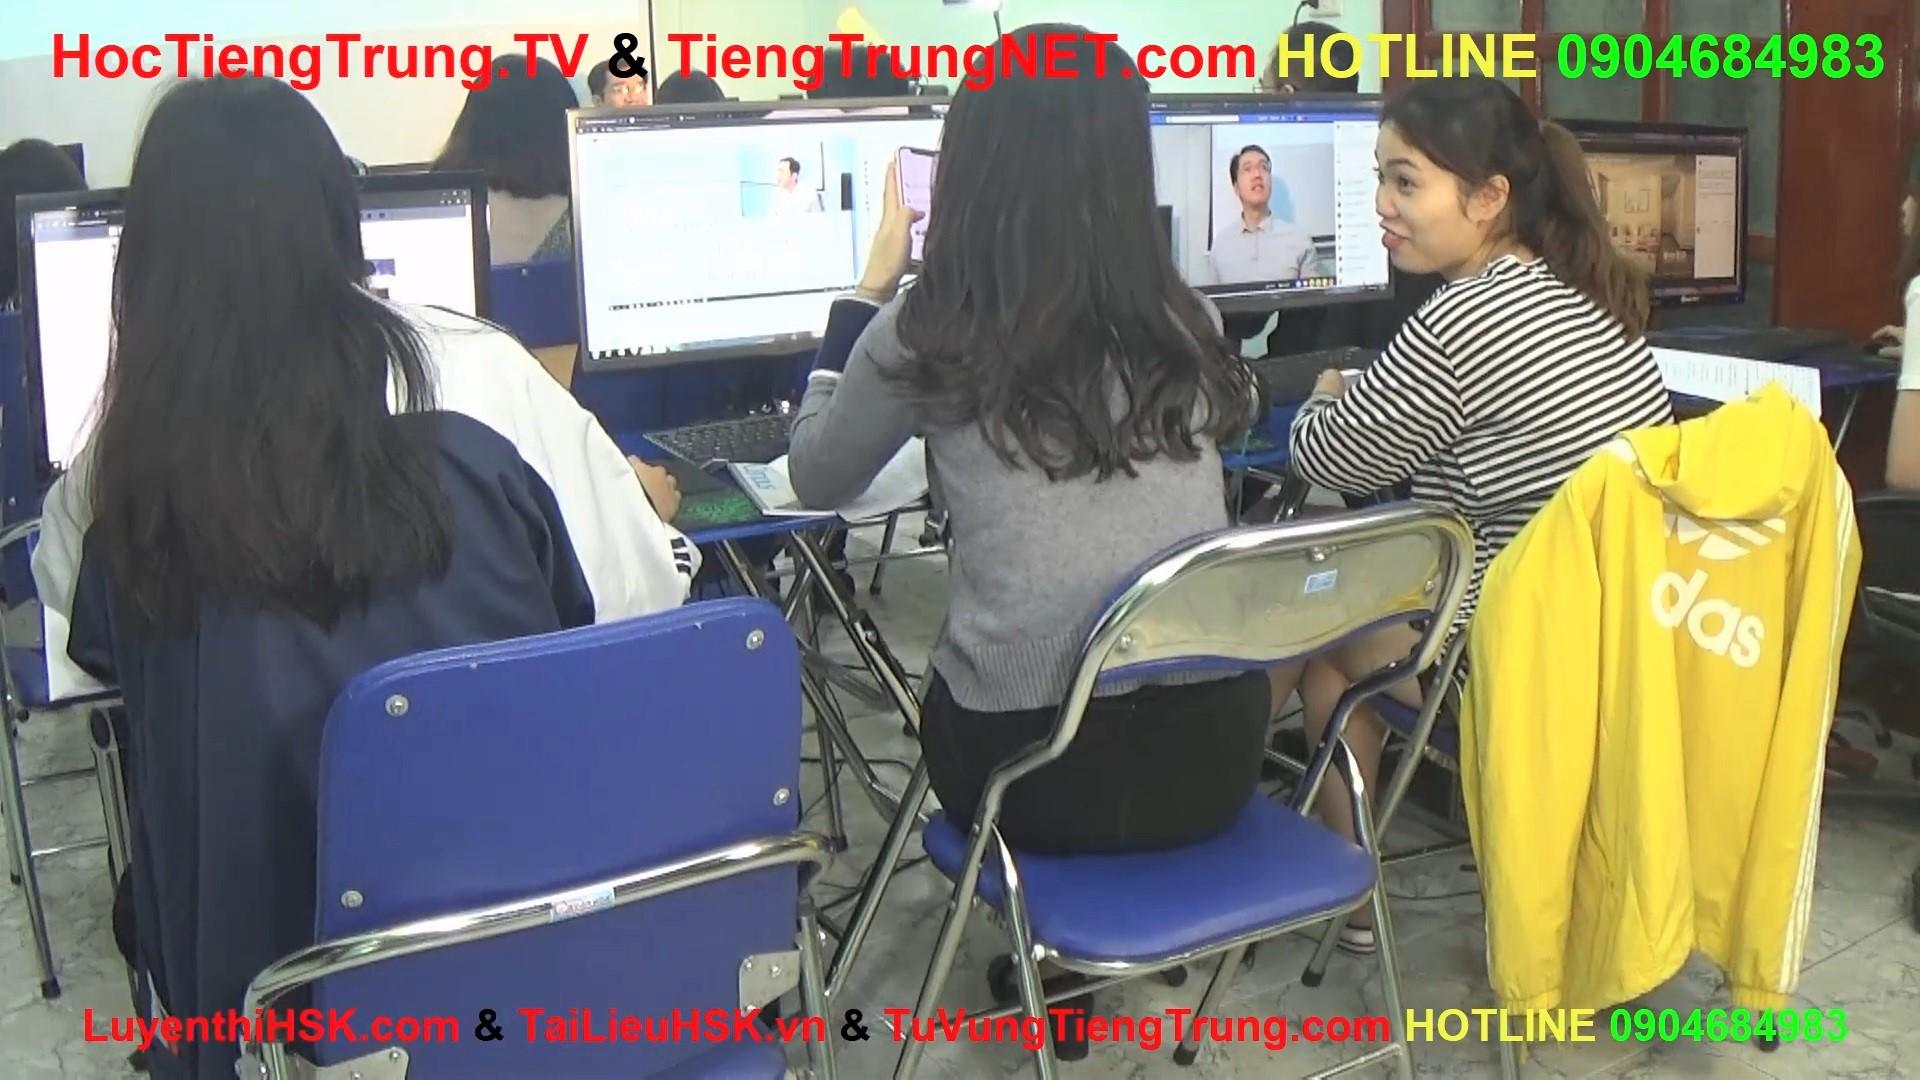 Học tiếng Trung online Thầy Vũ Trung tâm tiếng Trung ChineMaster 8